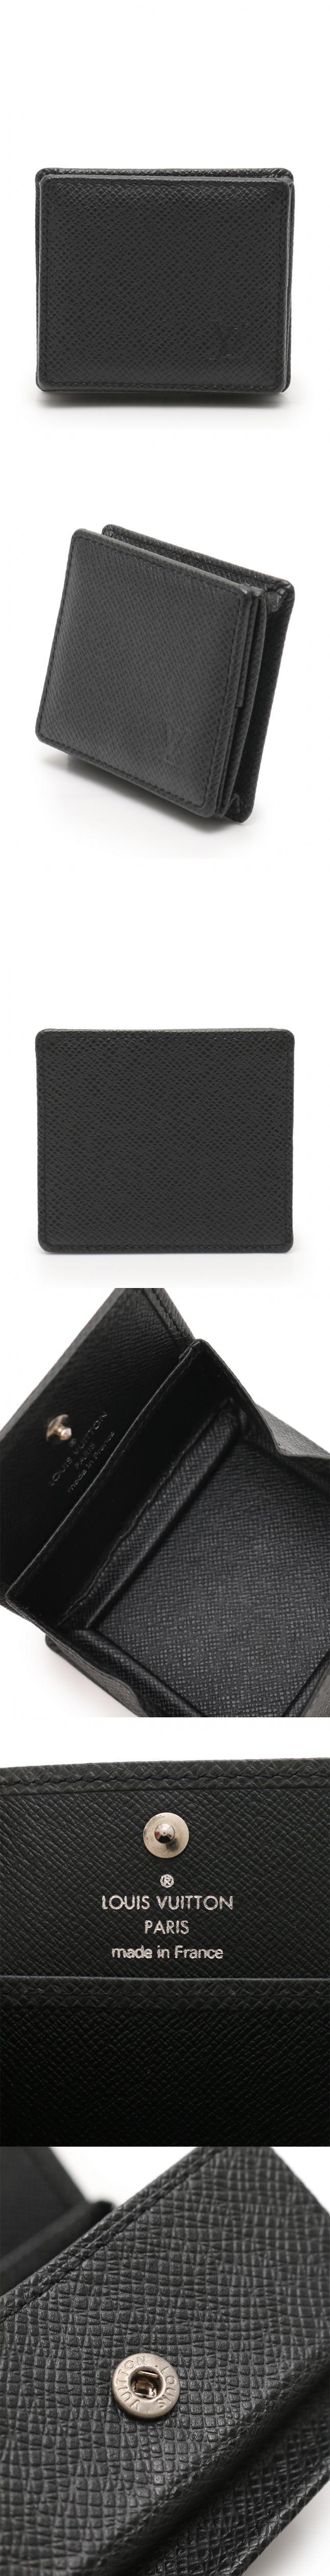 コインケース 財布 ポルトモネ ボワット タイガ アルドワーズ 小物 レザー M30382